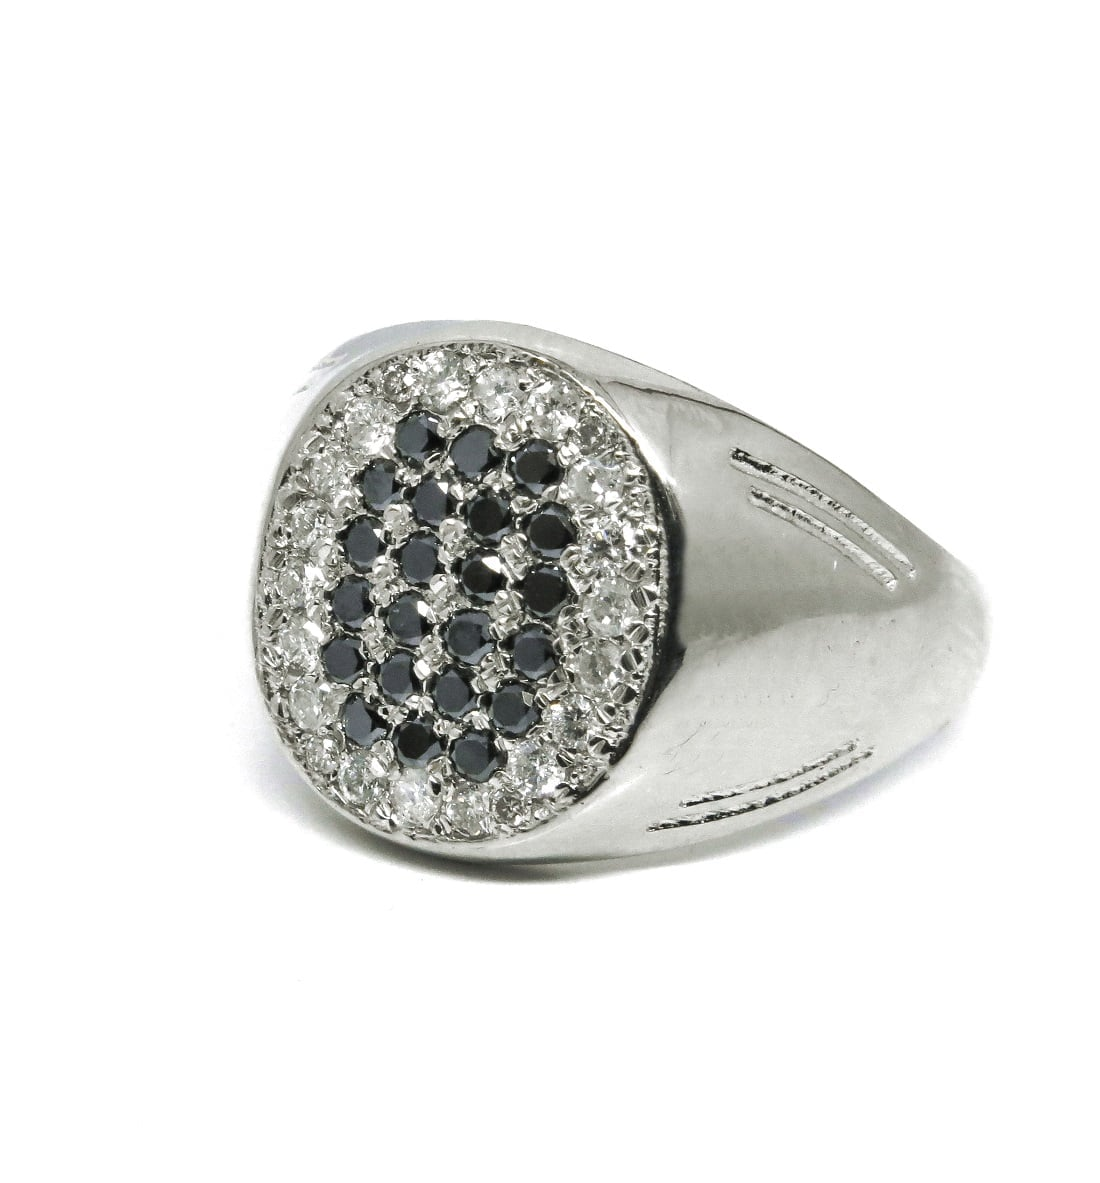 טבעת יהלומים לגבר, טבעת לגבר בזהב 0.70 קראט יהלומים